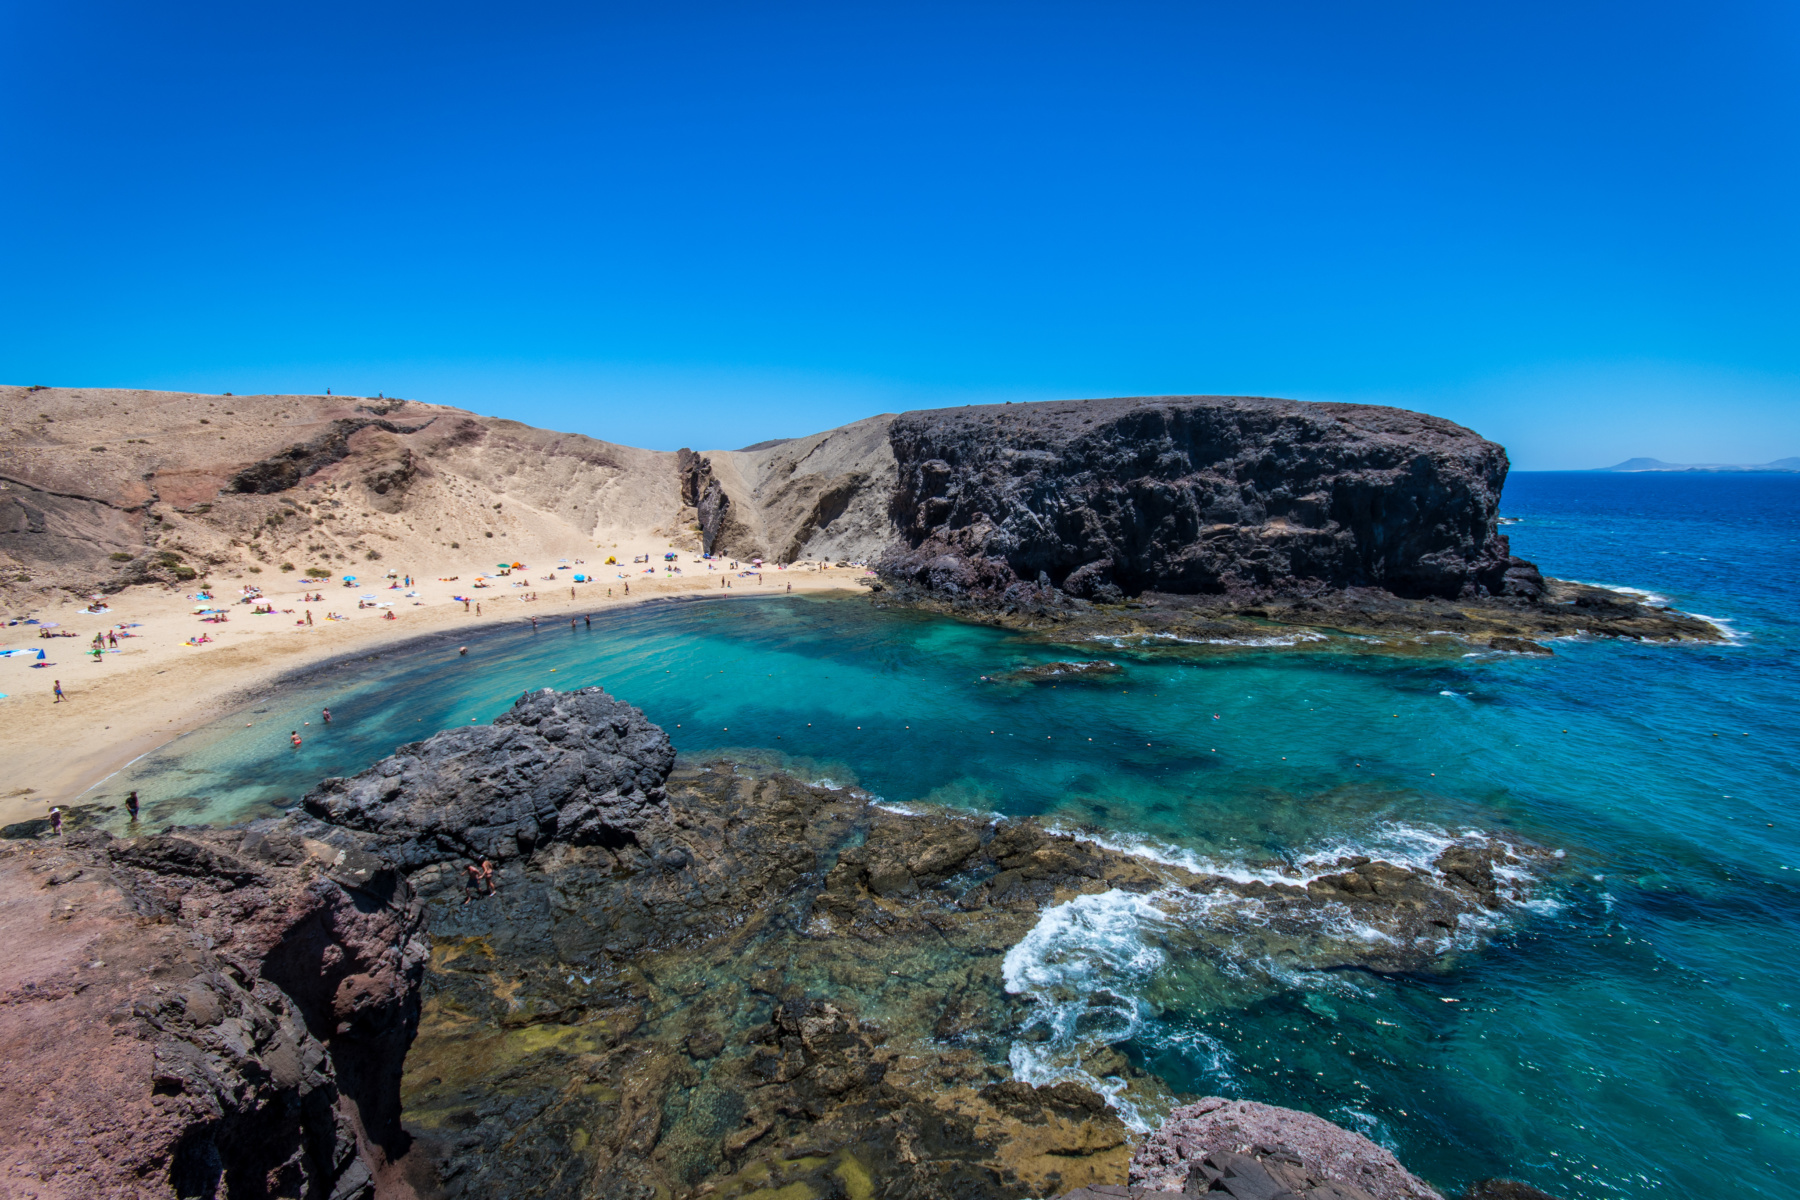 Playas de Papagayo (Papagayo Beaches) Spanish Landscapes